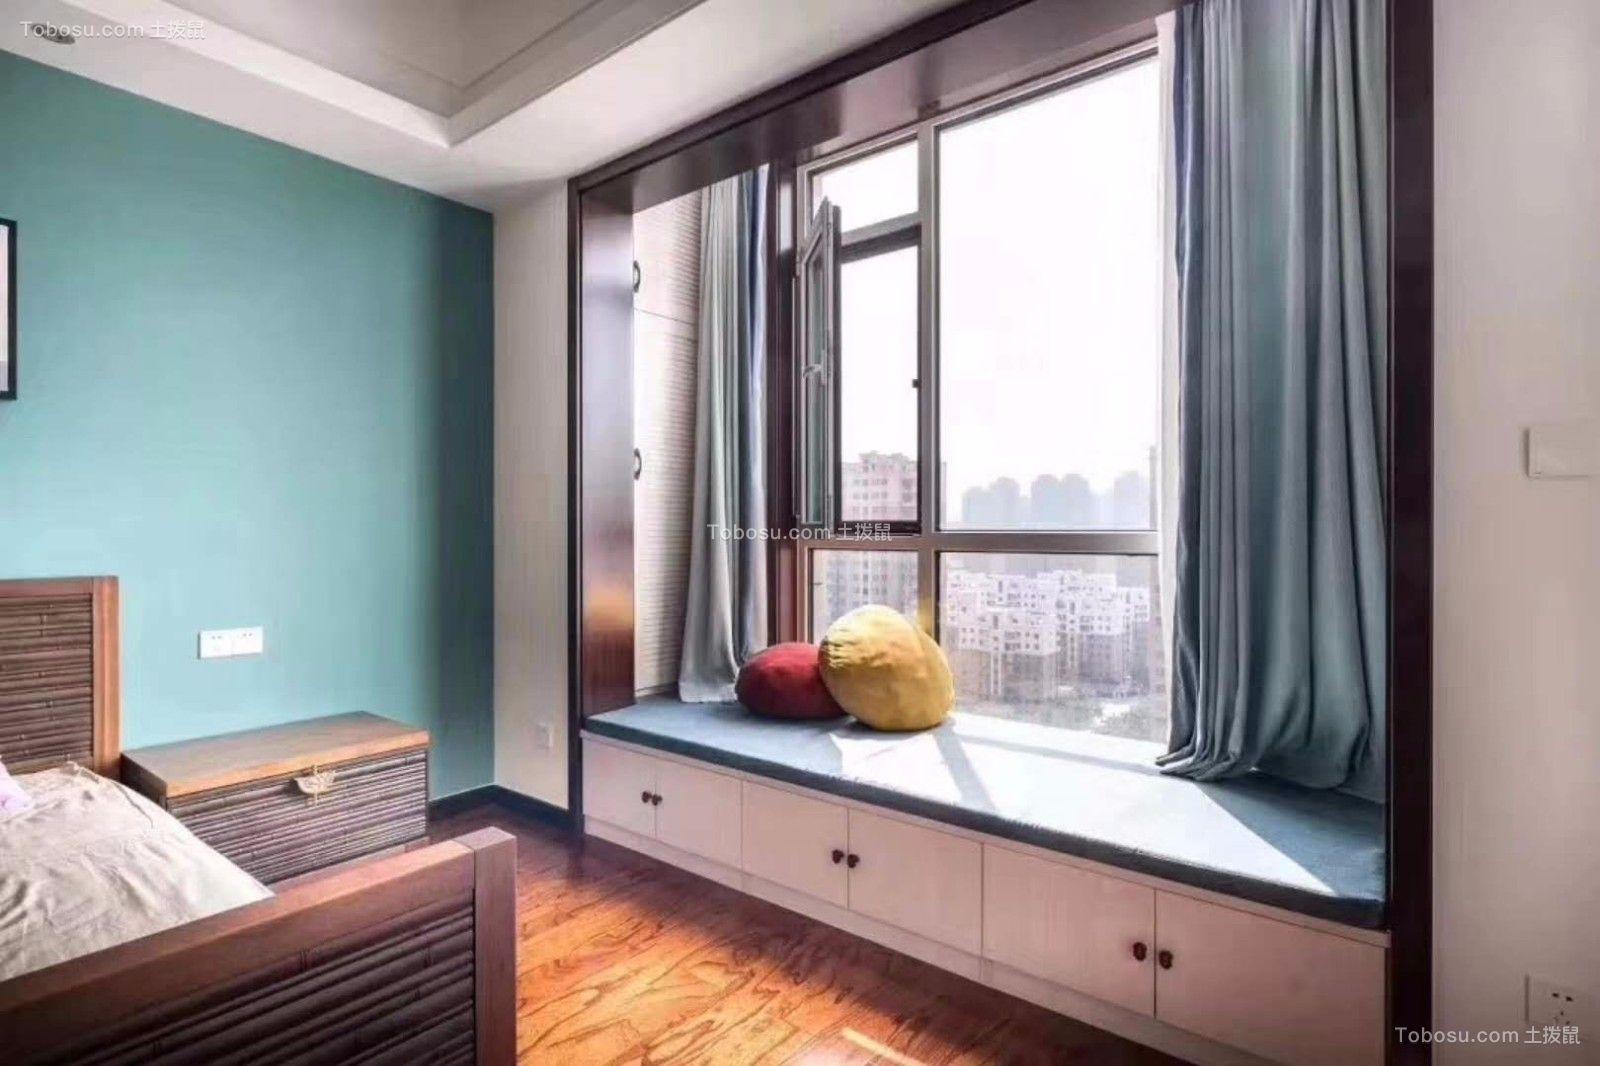 150㎡二室一厅新中式风格室内装修效果图